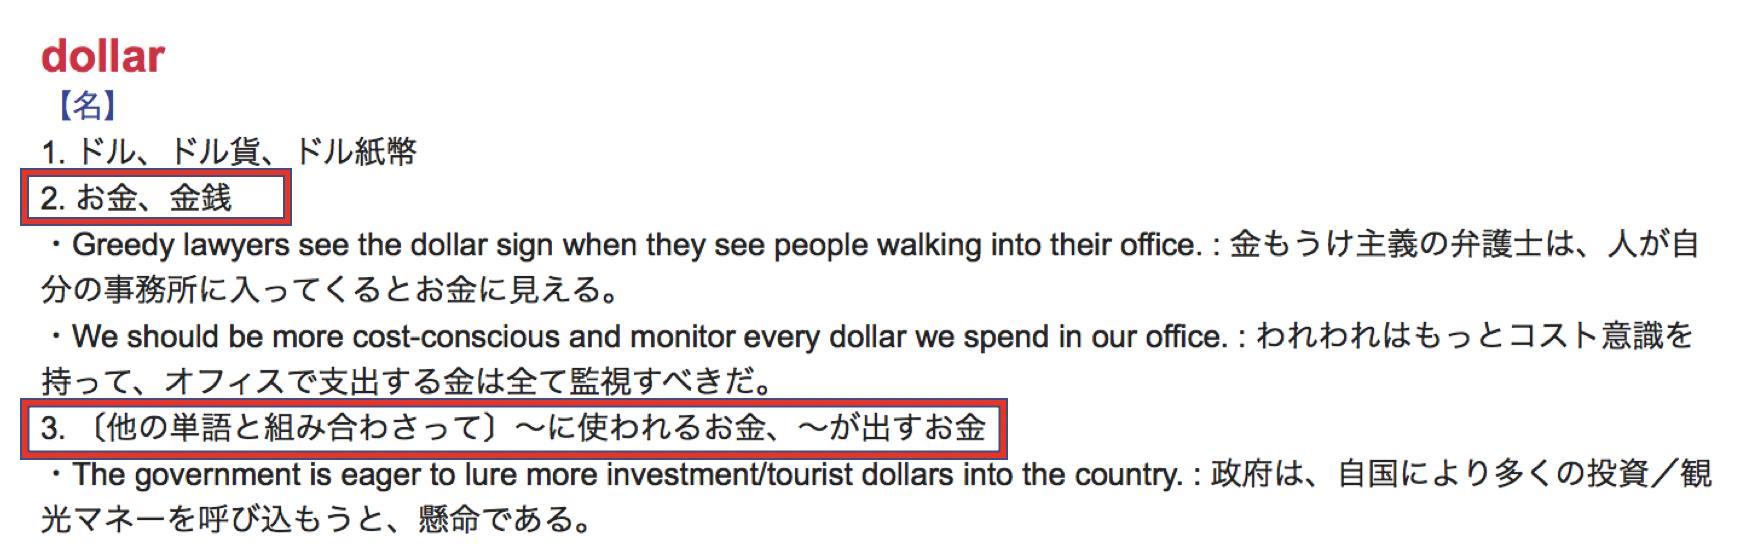 ドルの意味